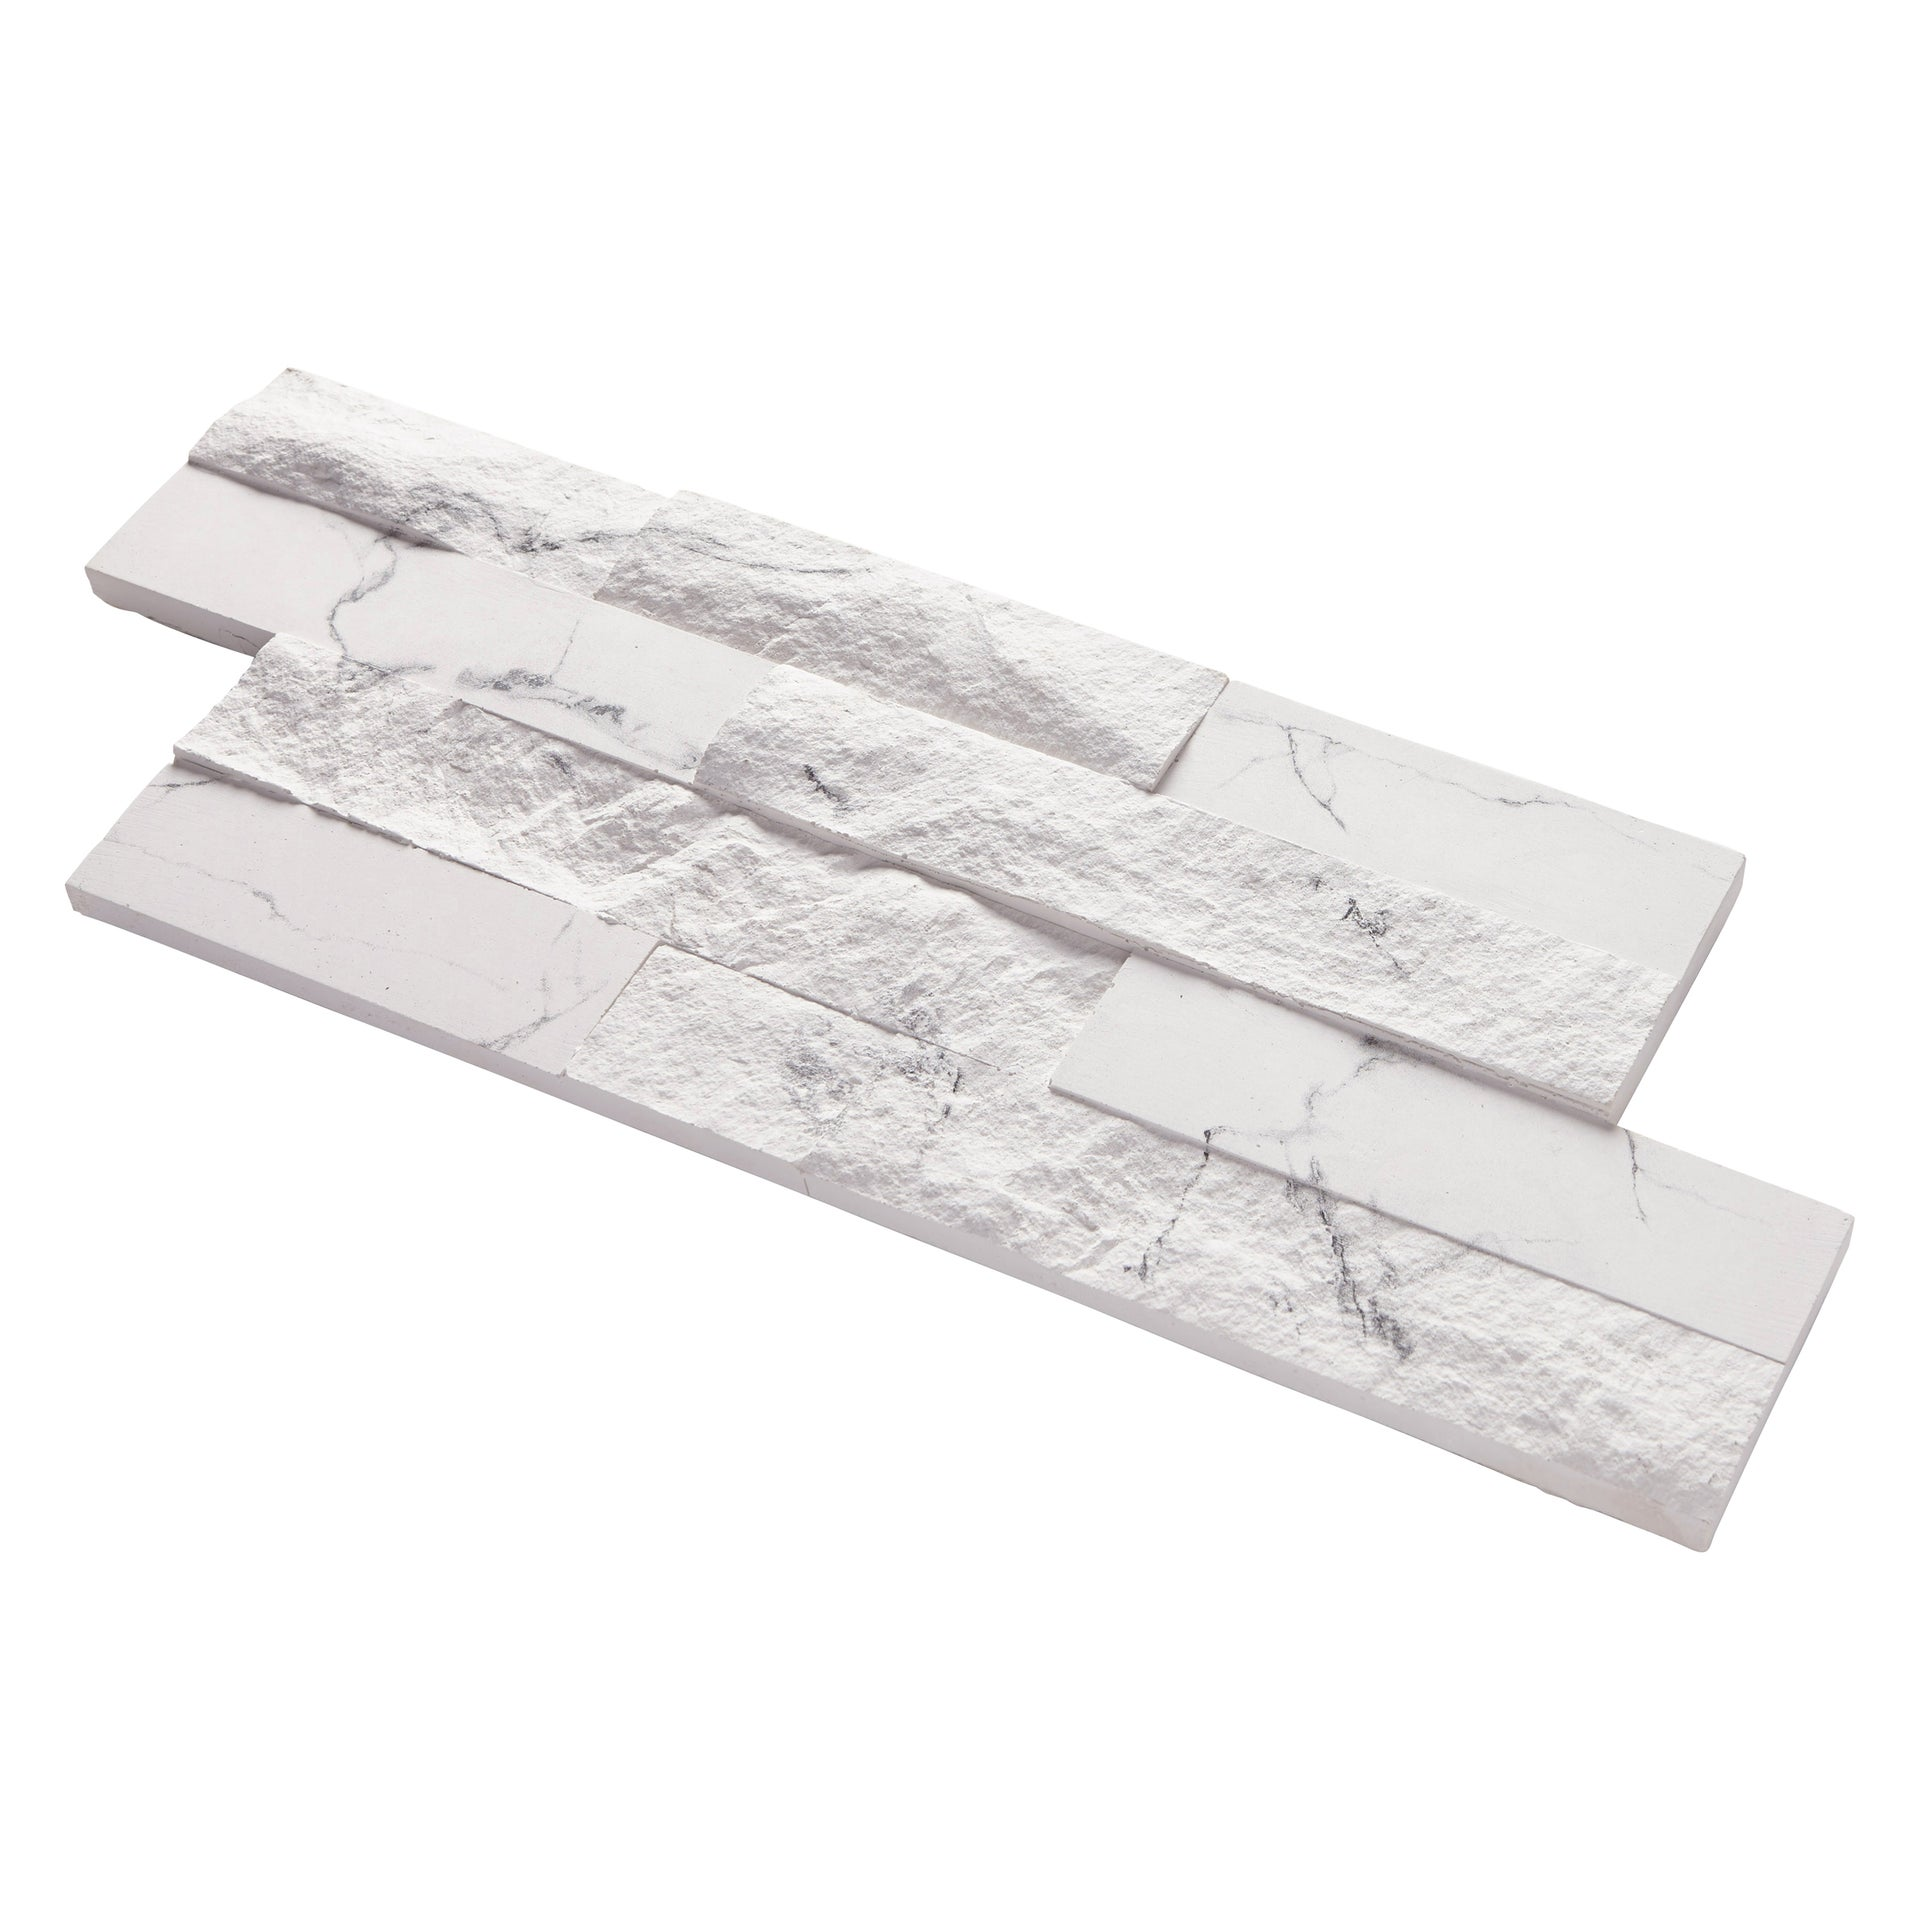 Plaquette de parement plâtre effet pierre claire blanc Nora intérieur